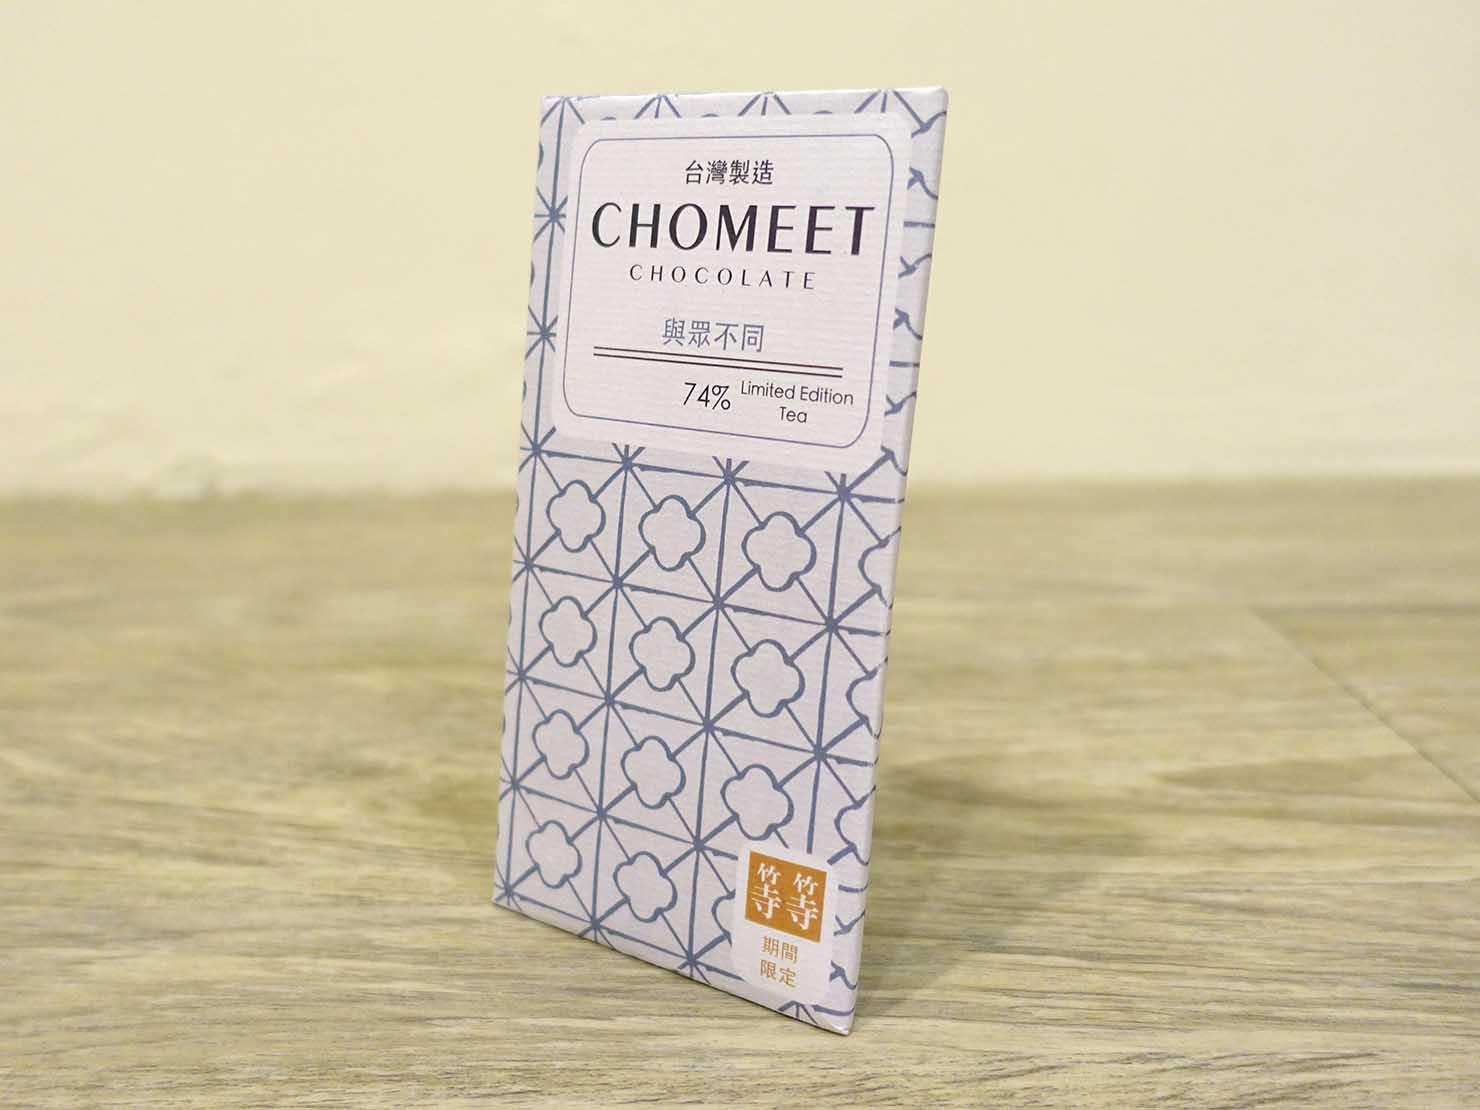 台北おみやげにおすすめのチョコレートブランド・巧遇農情CHOMEET「與眾不同」パッケージ